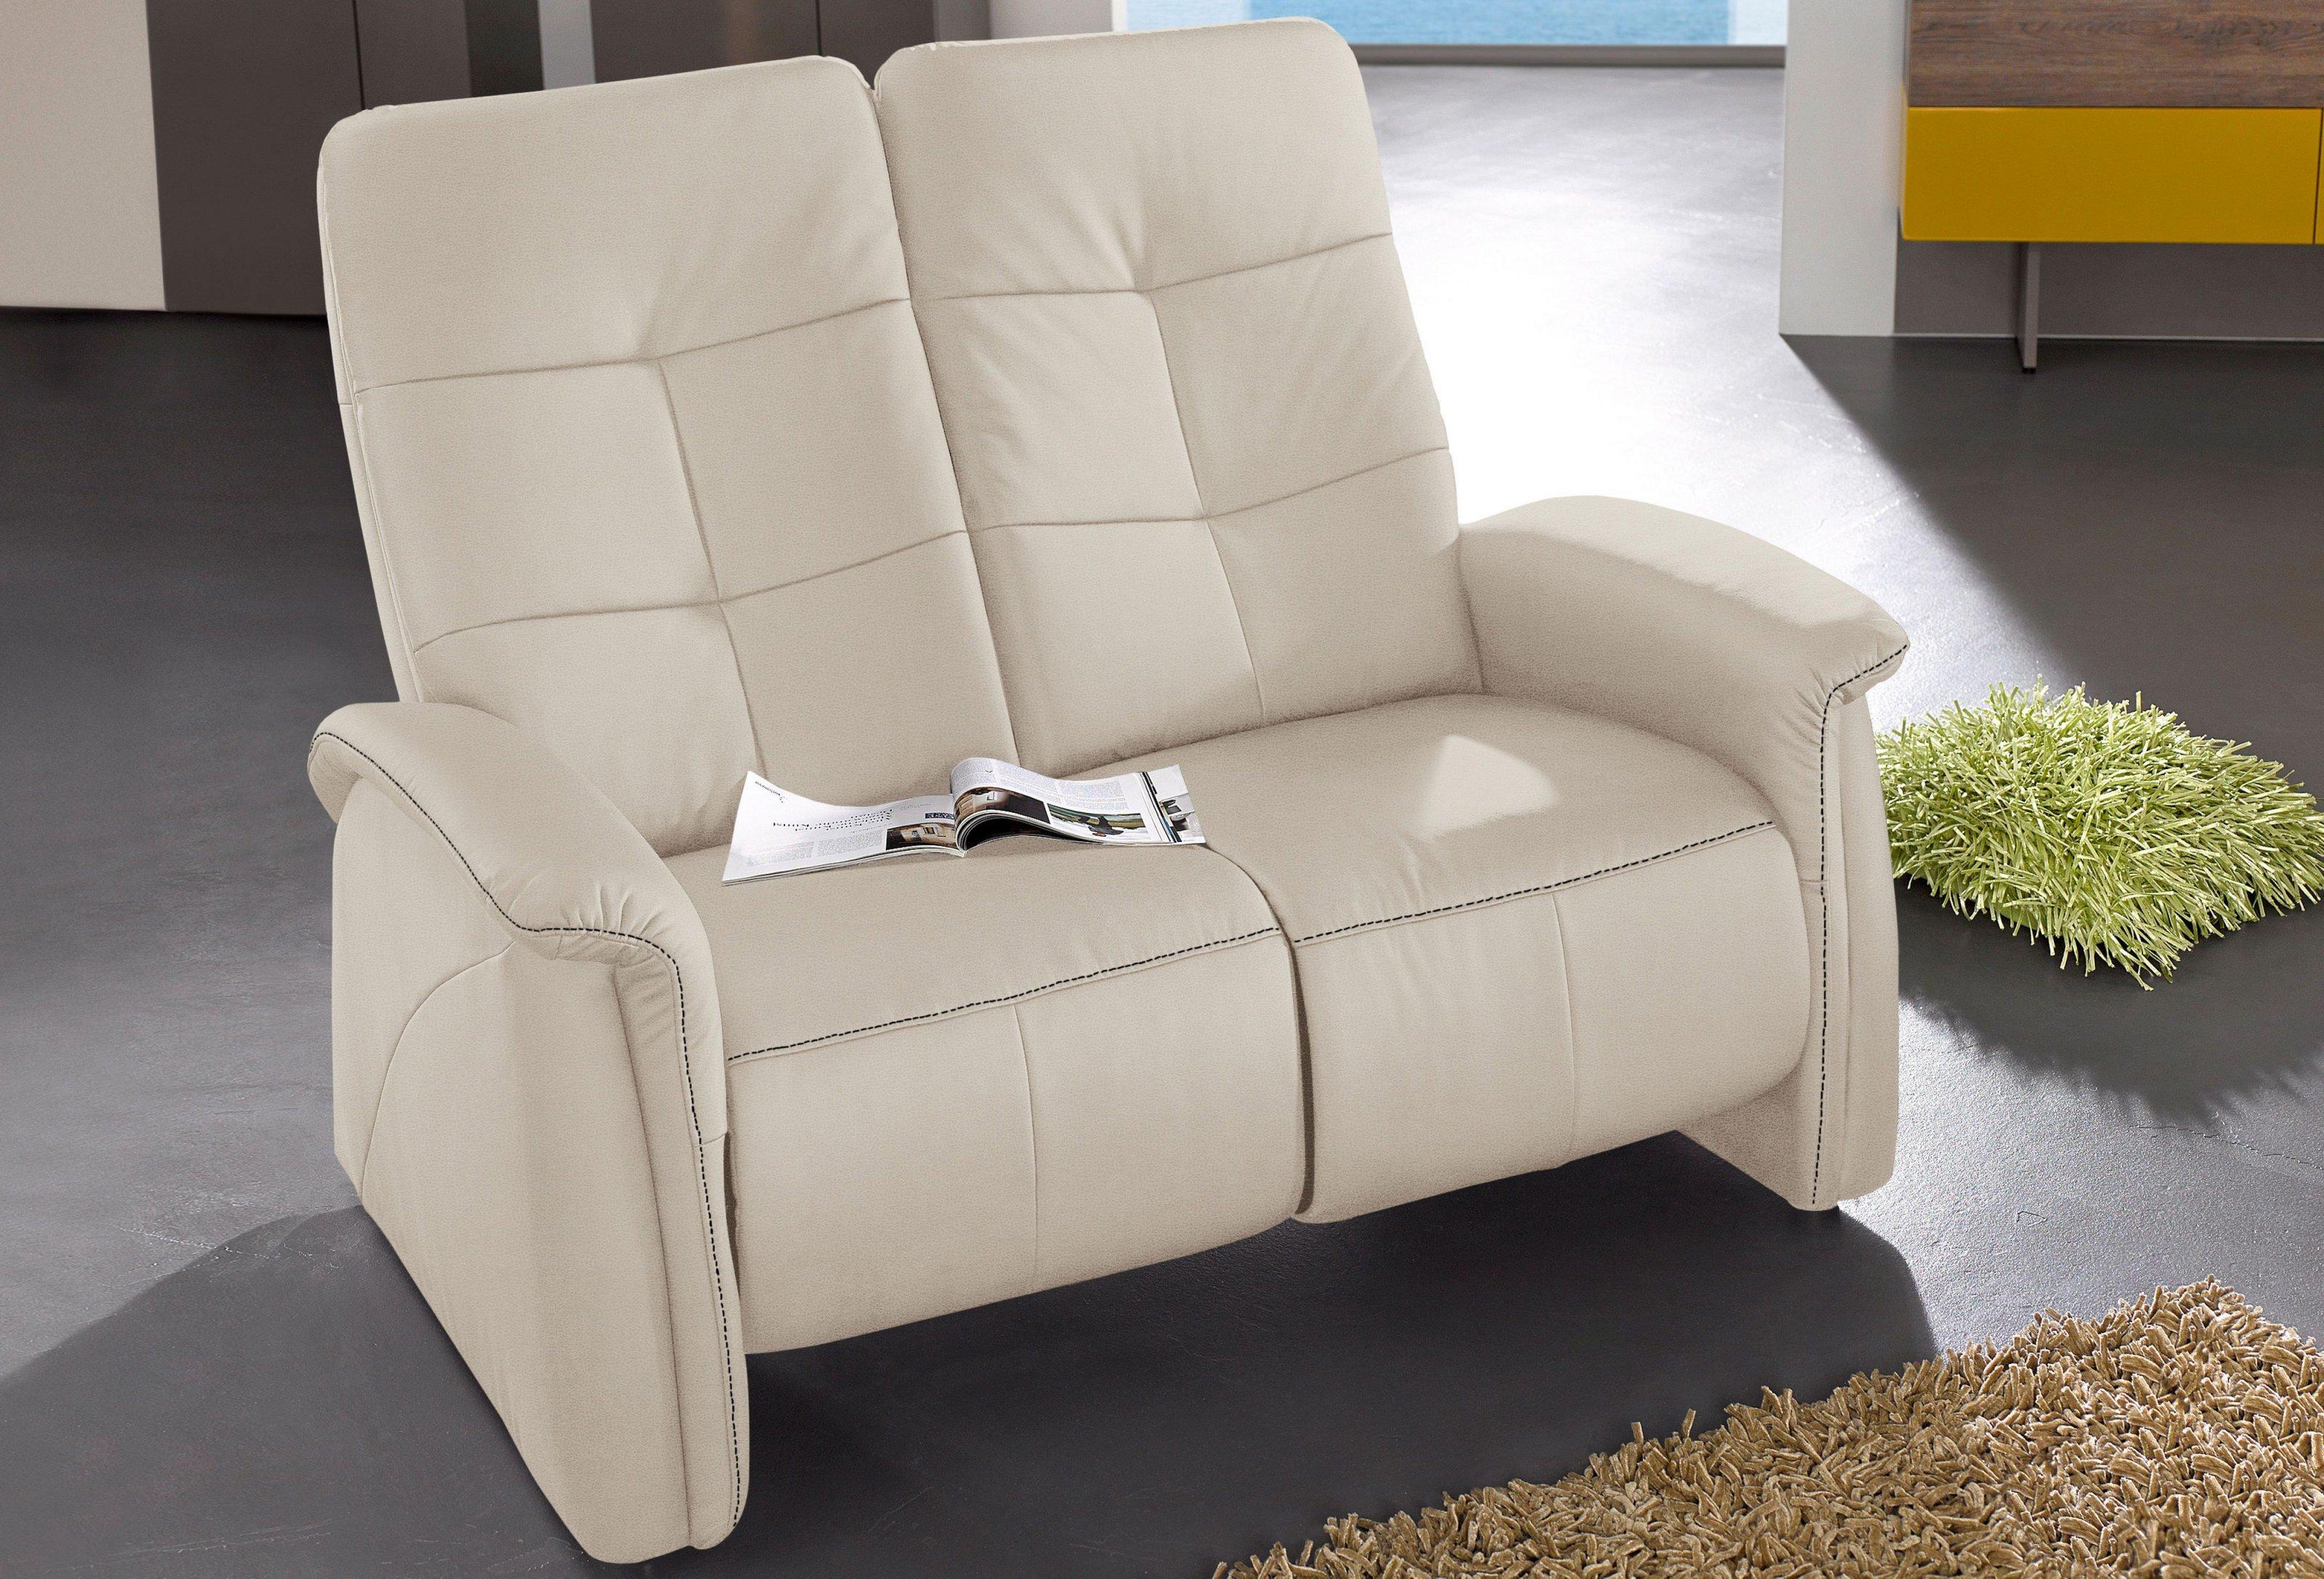 2 Sitzer Sofa Mit Relaxfunktion 2 Sitzer City Sofa Mit von ...